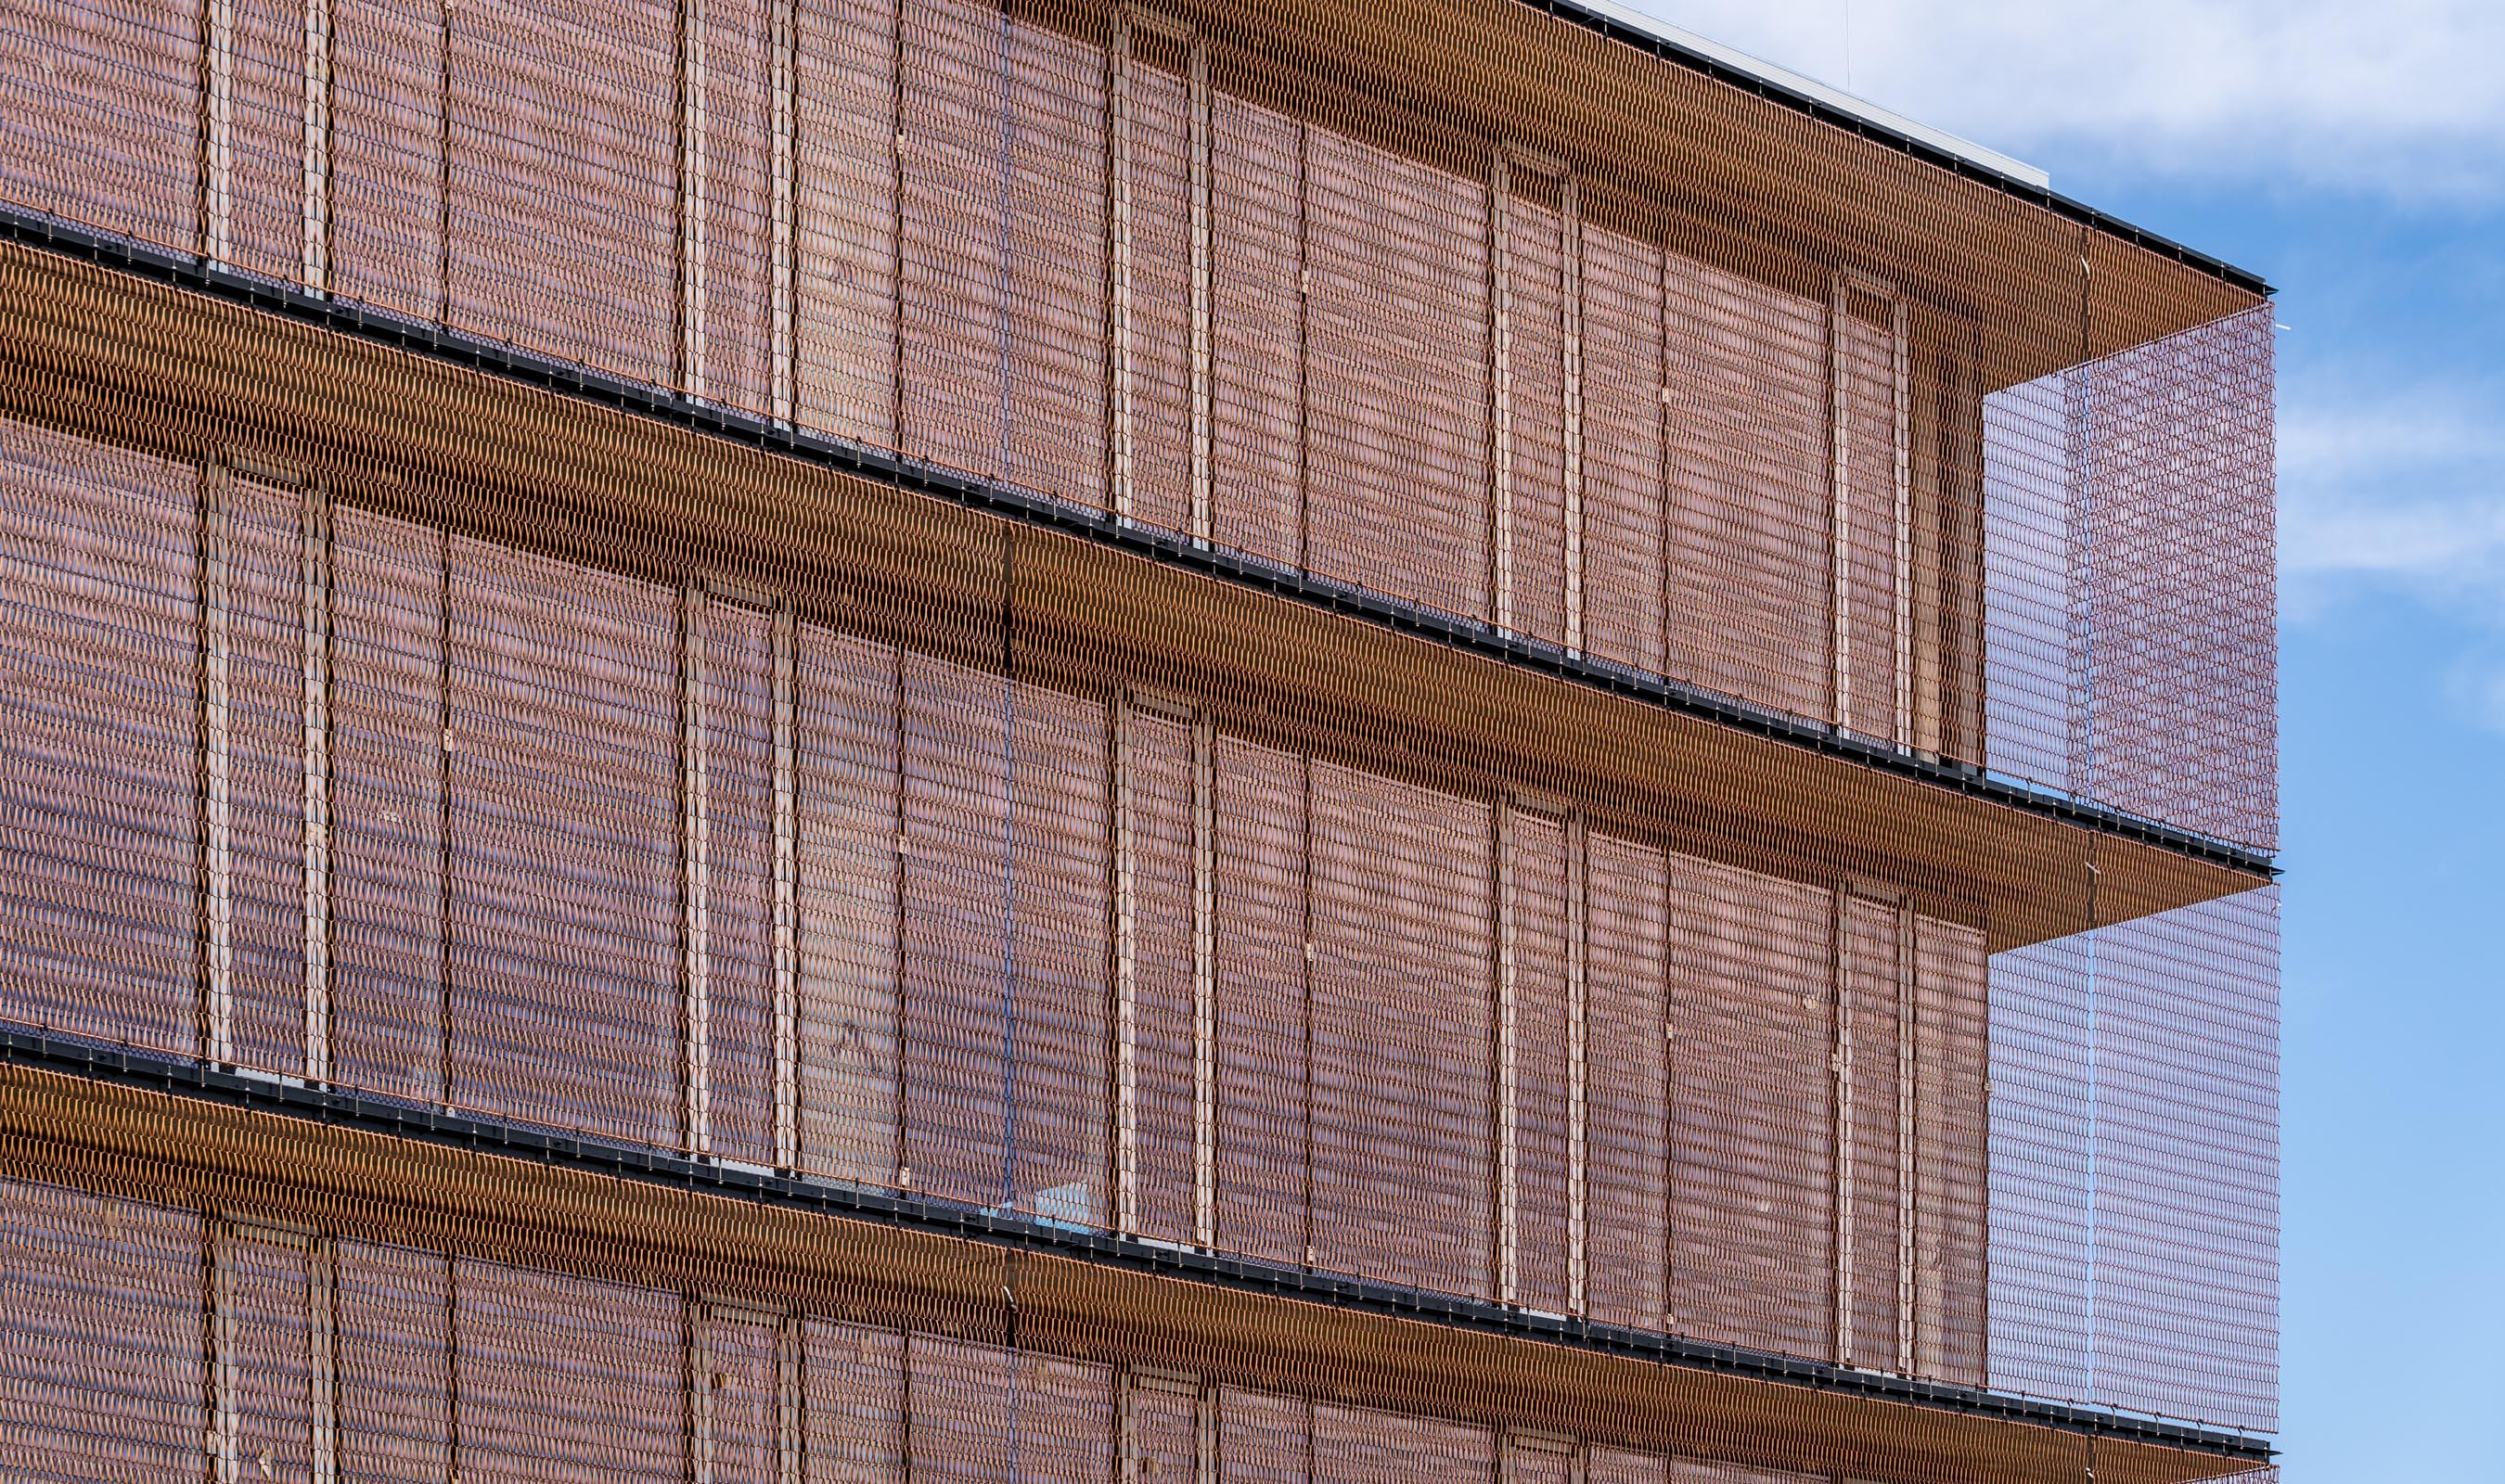 Dune 40100 flexible mesh in Copper for a Building Facade